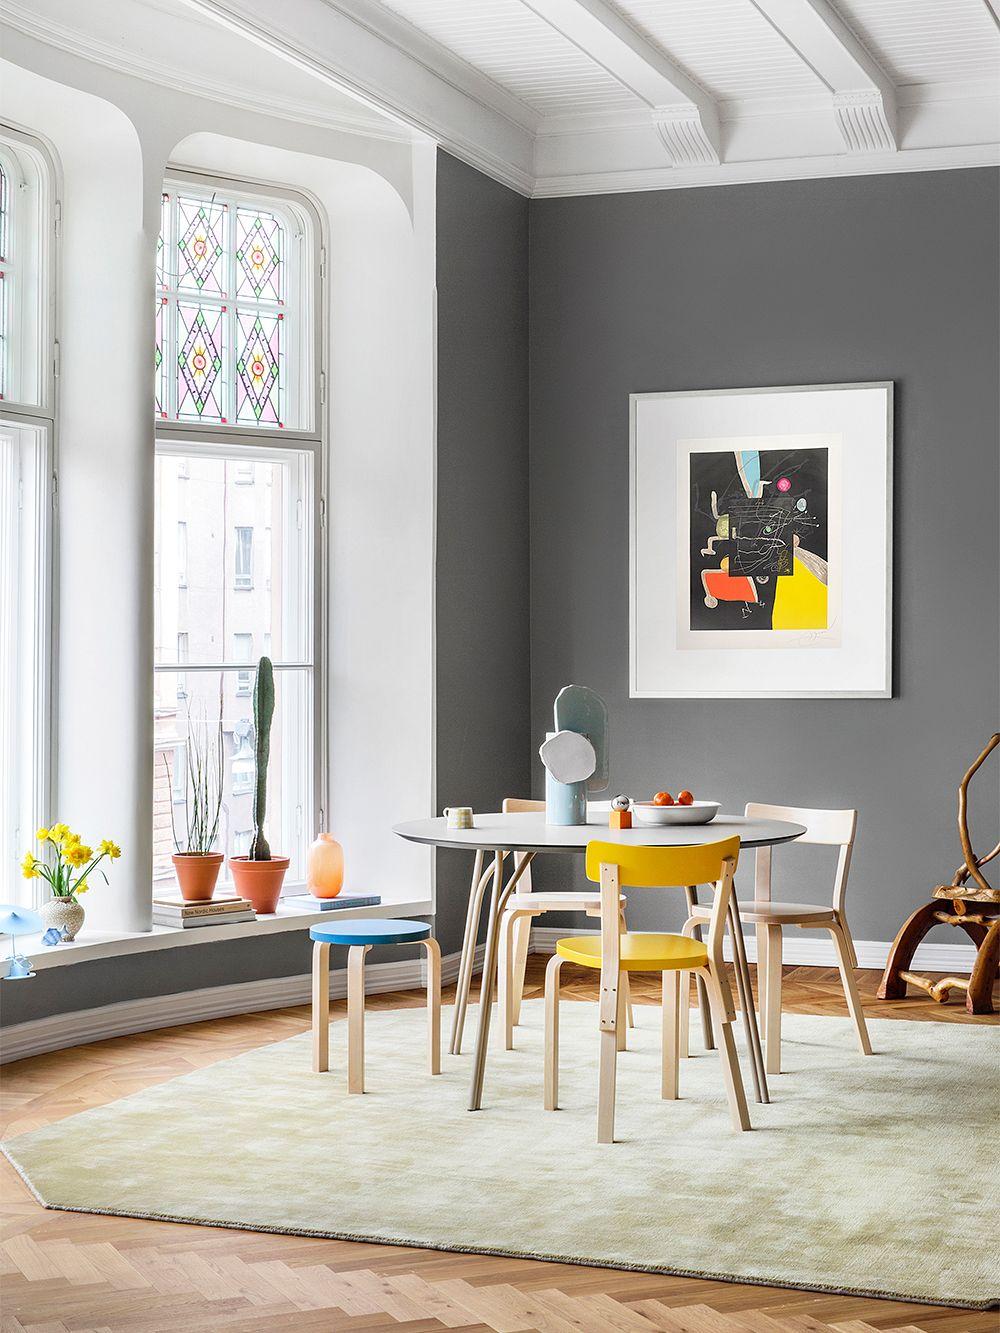 Joan Miró taidegrafiikka